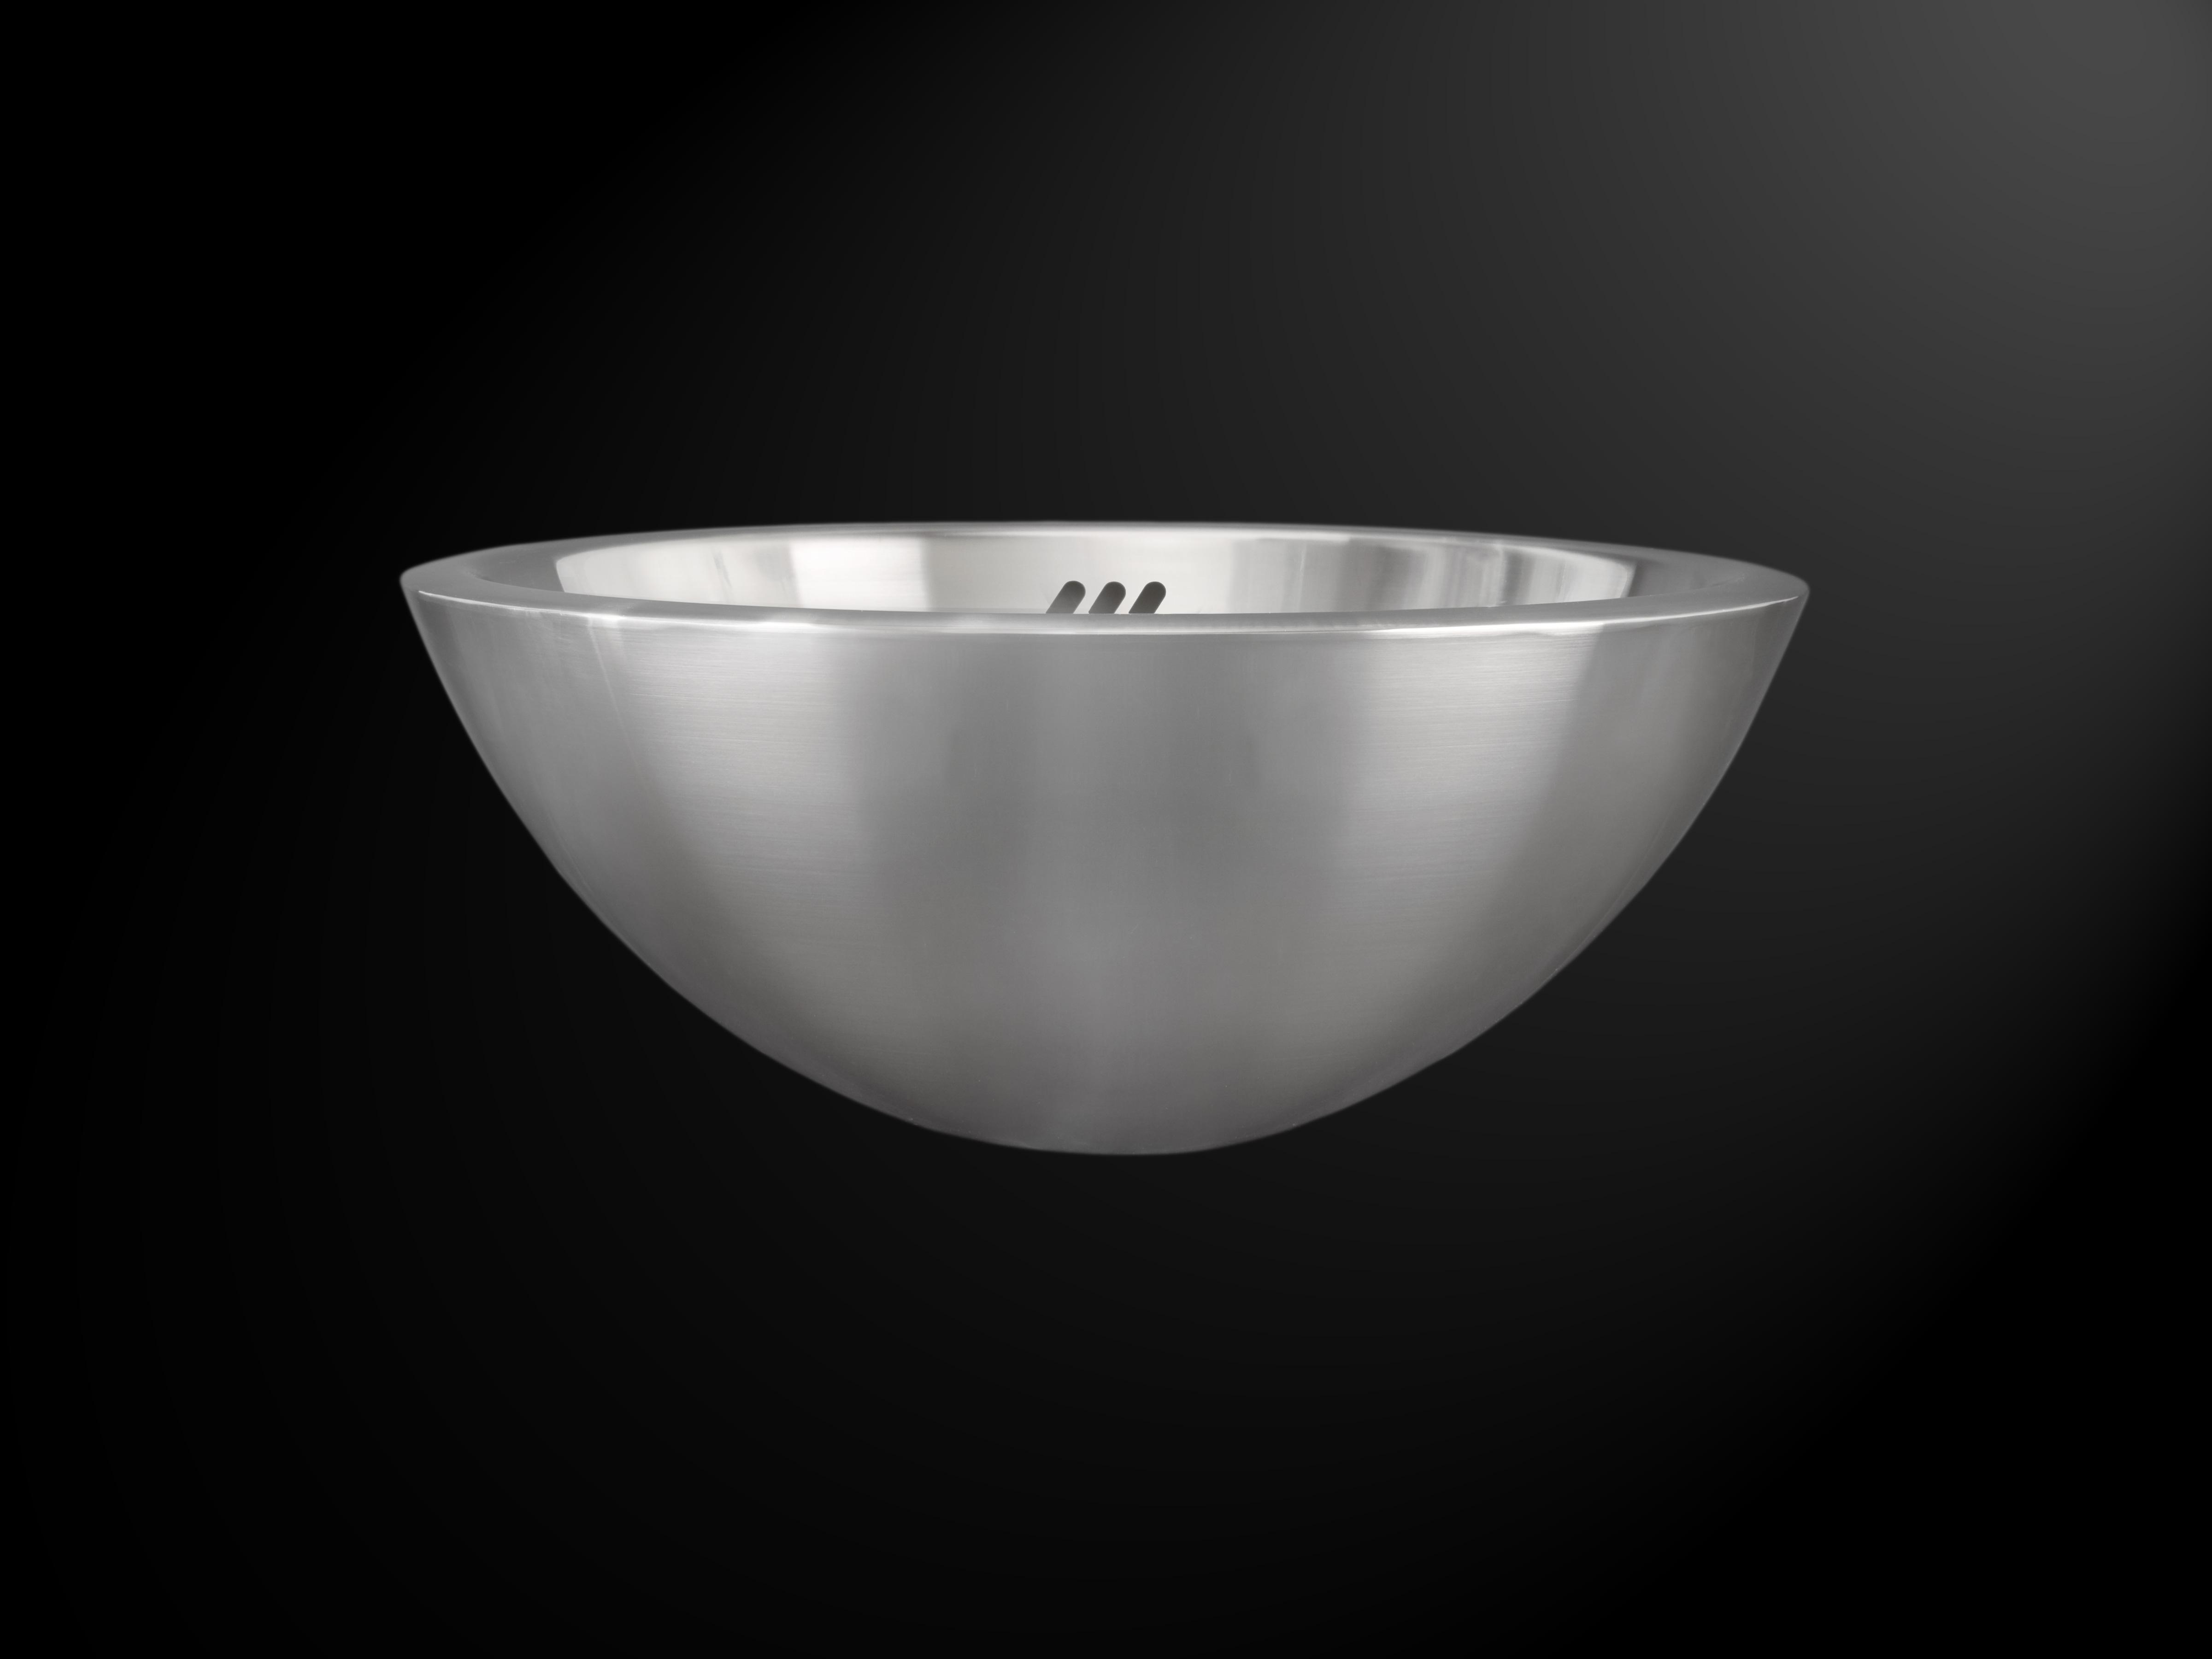 Stainless Vessel Sink : ... Single Bowl Vessel Deluxe Stainless Steel Bathroom Sink - AmeriSink